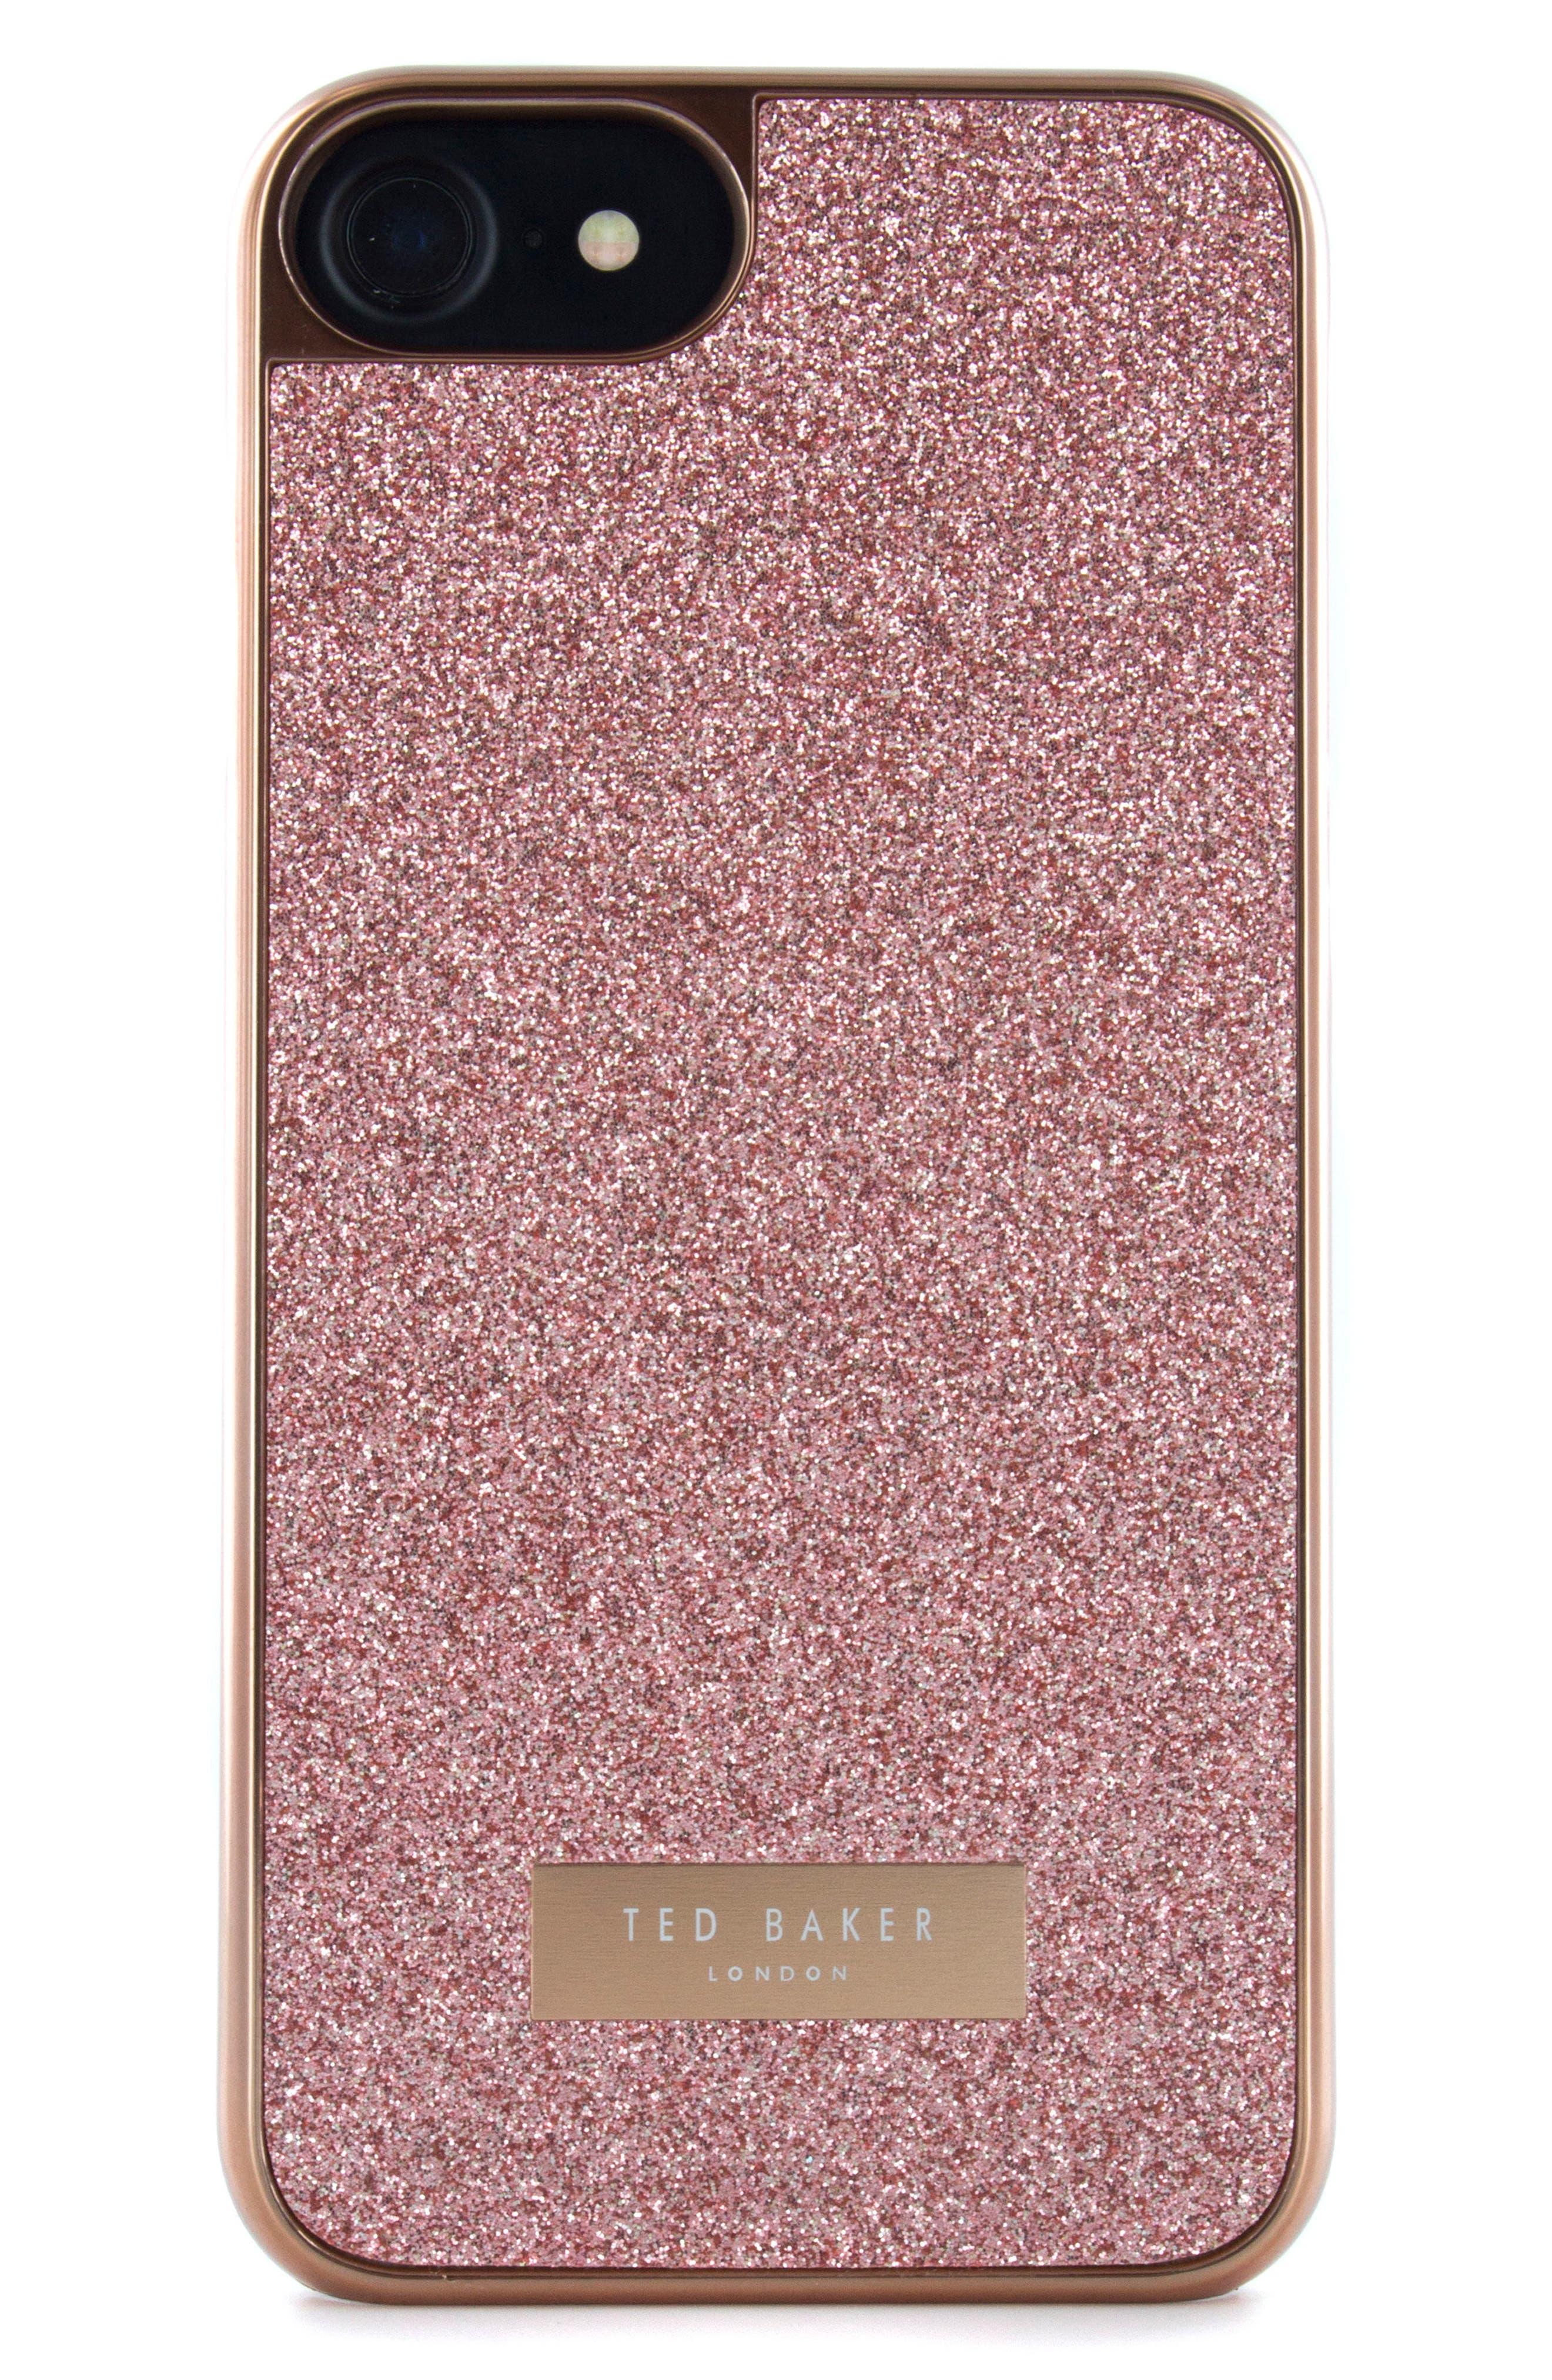 Sparkles iPhone 6/6s/7/8 & 6/6s/7/8 Plus Case,                             Alternate thumbnail 6, color,